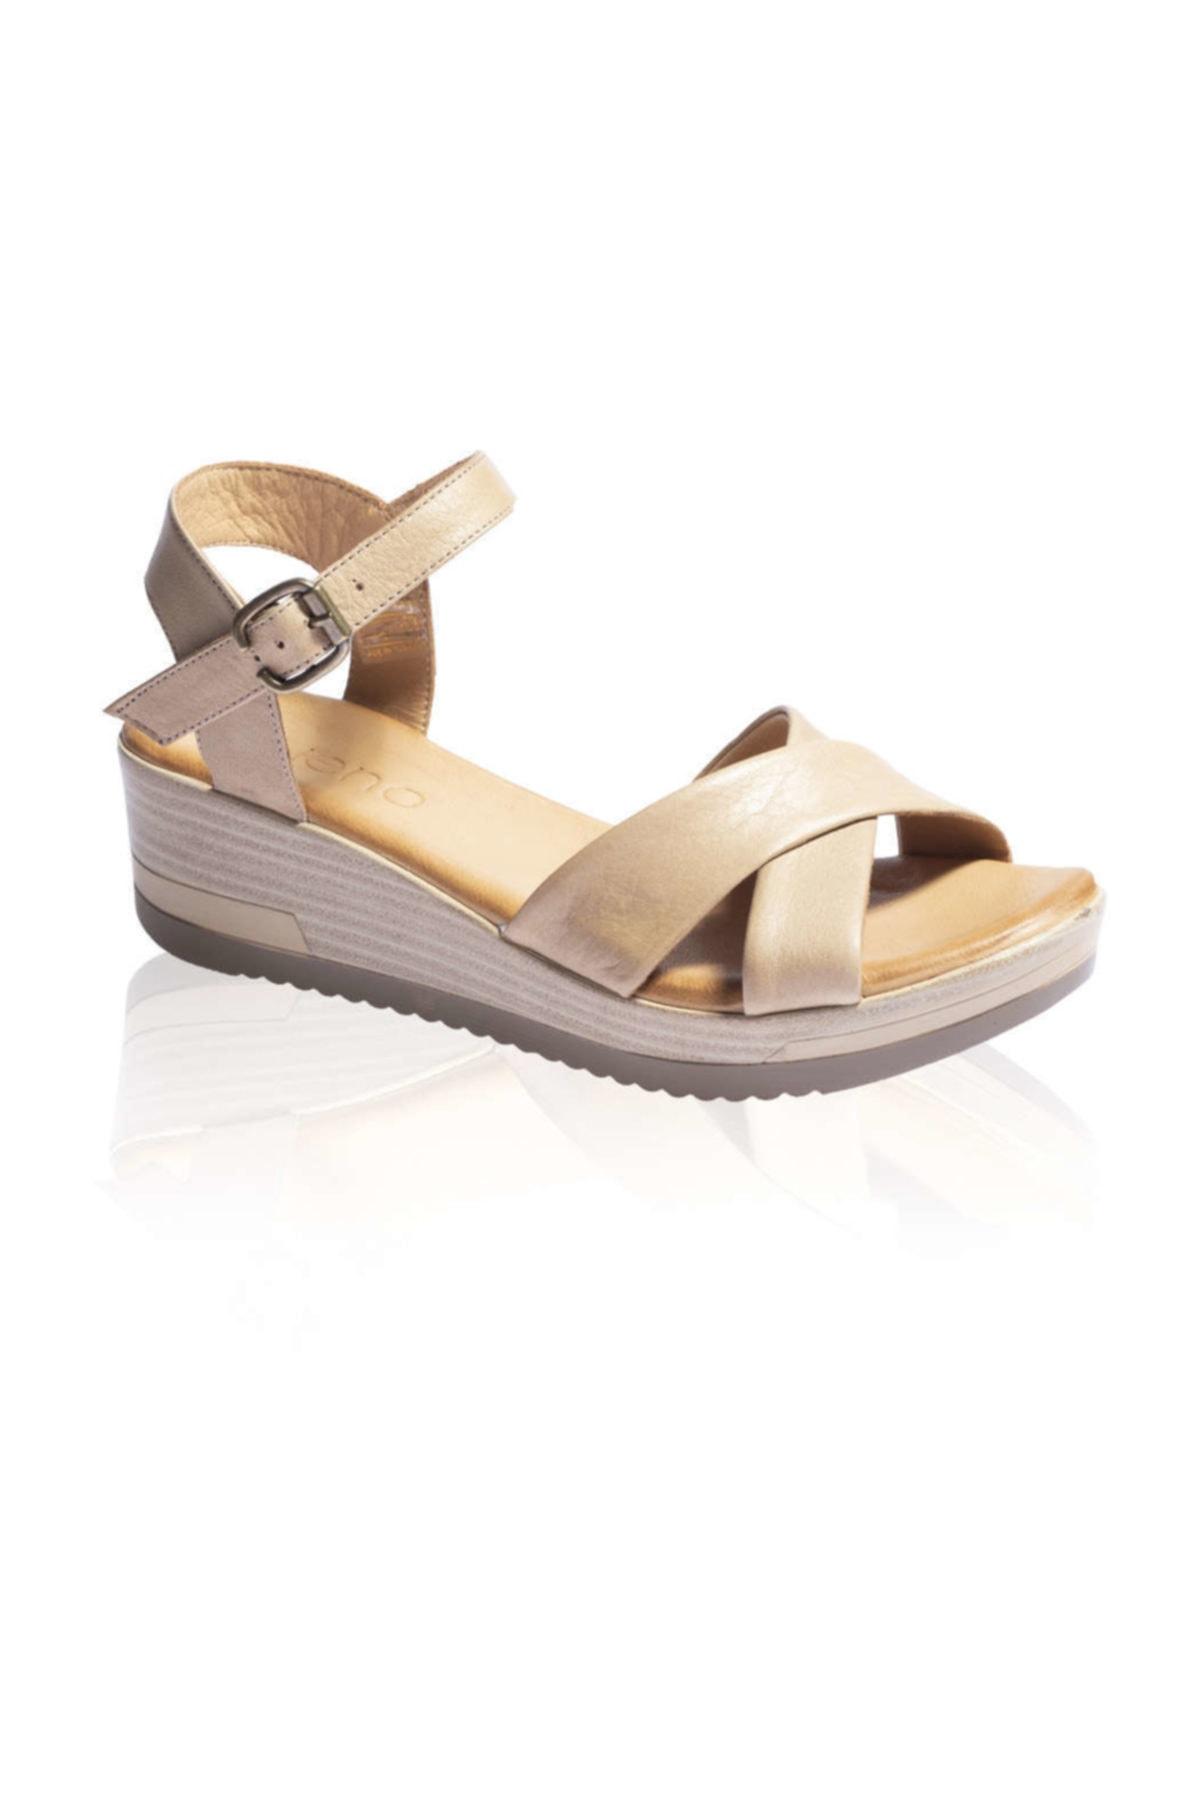 BUENO Shoes Lacivert Bayan Sandalet 9l3303 1